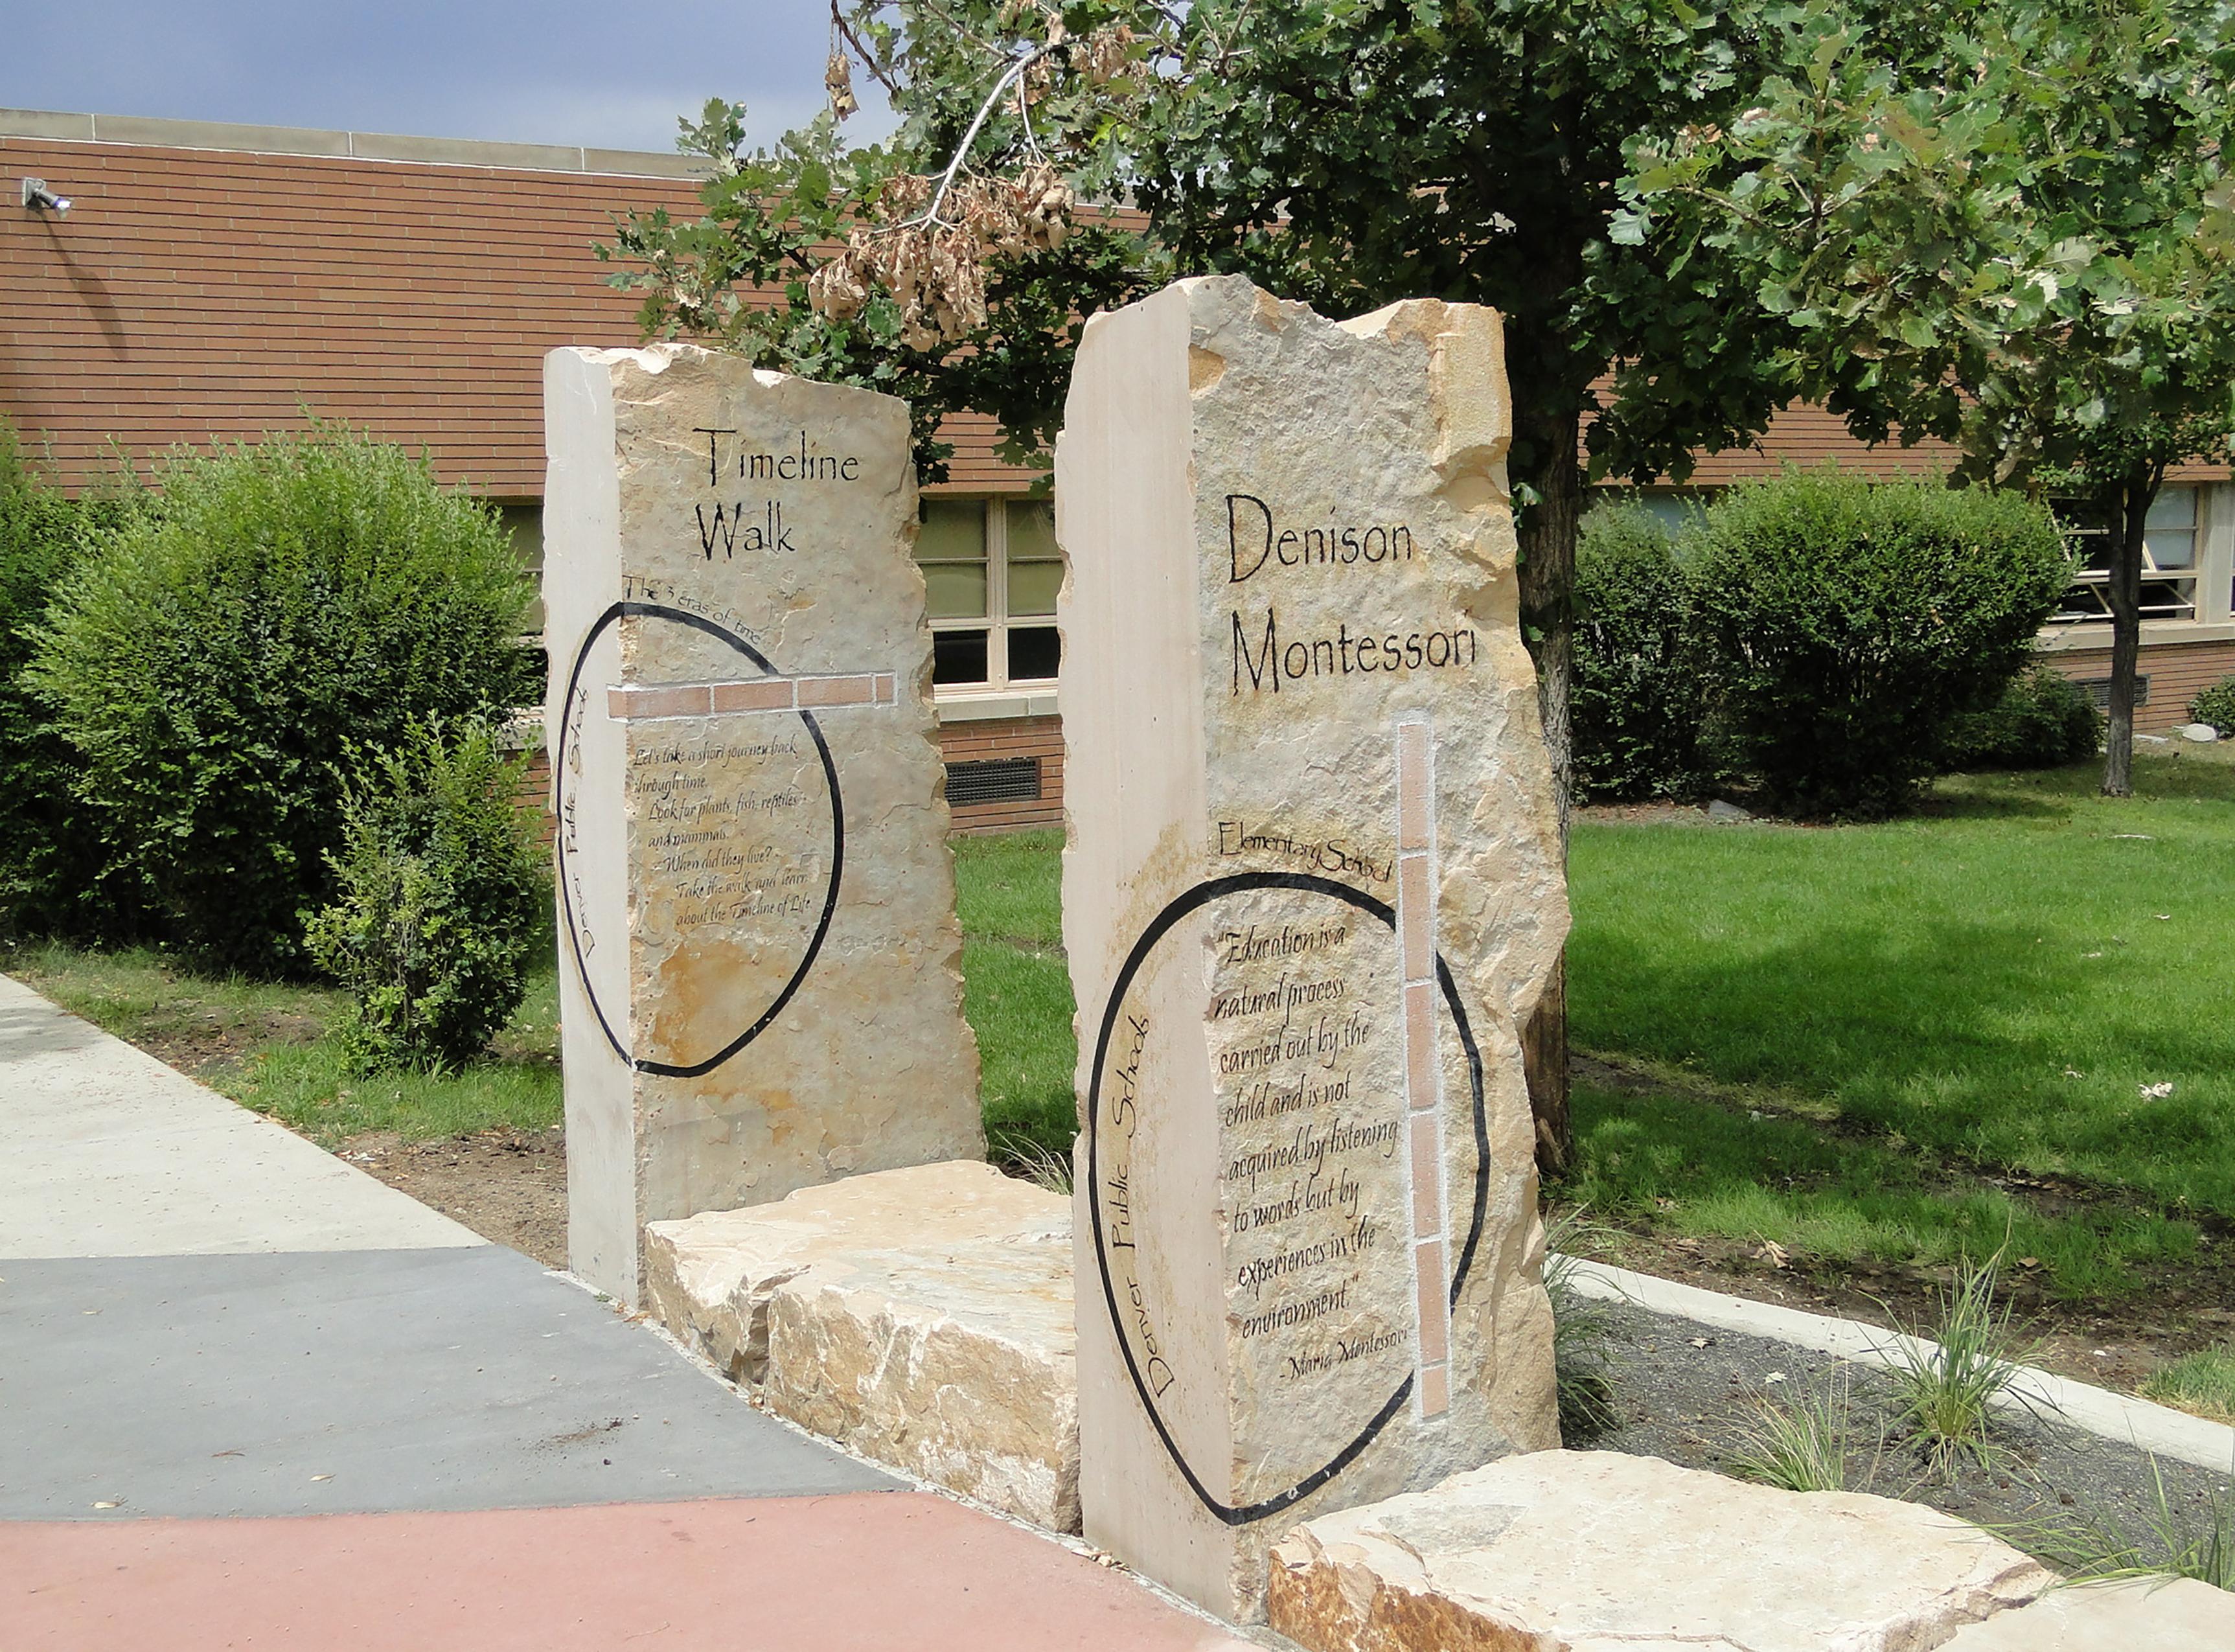 Dennison Elementary